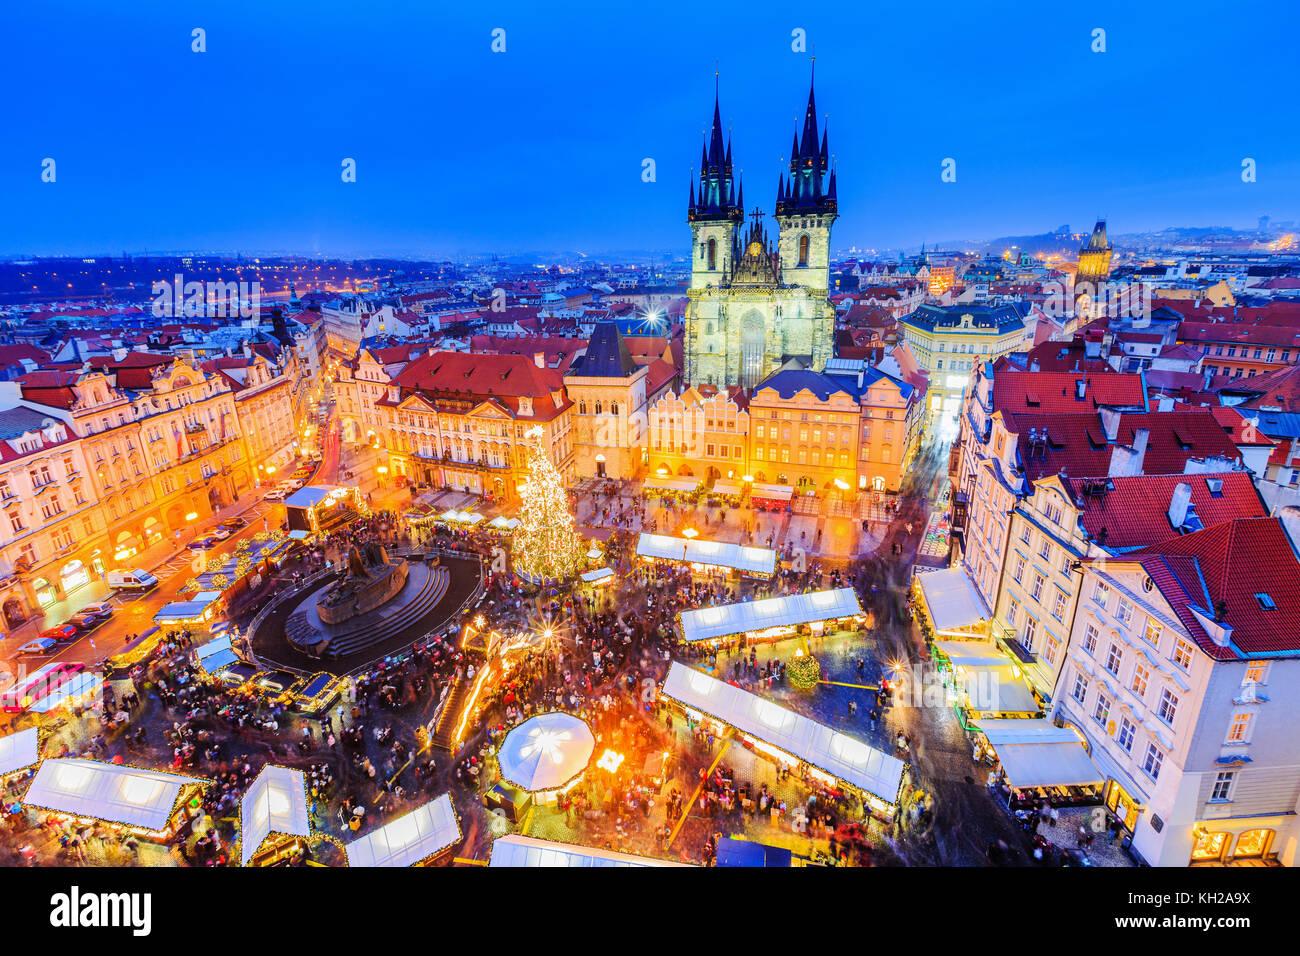 Prag, Tschechische Republic. Weihnachtsmarkt auf dem Altstädter Ring. Stockbild